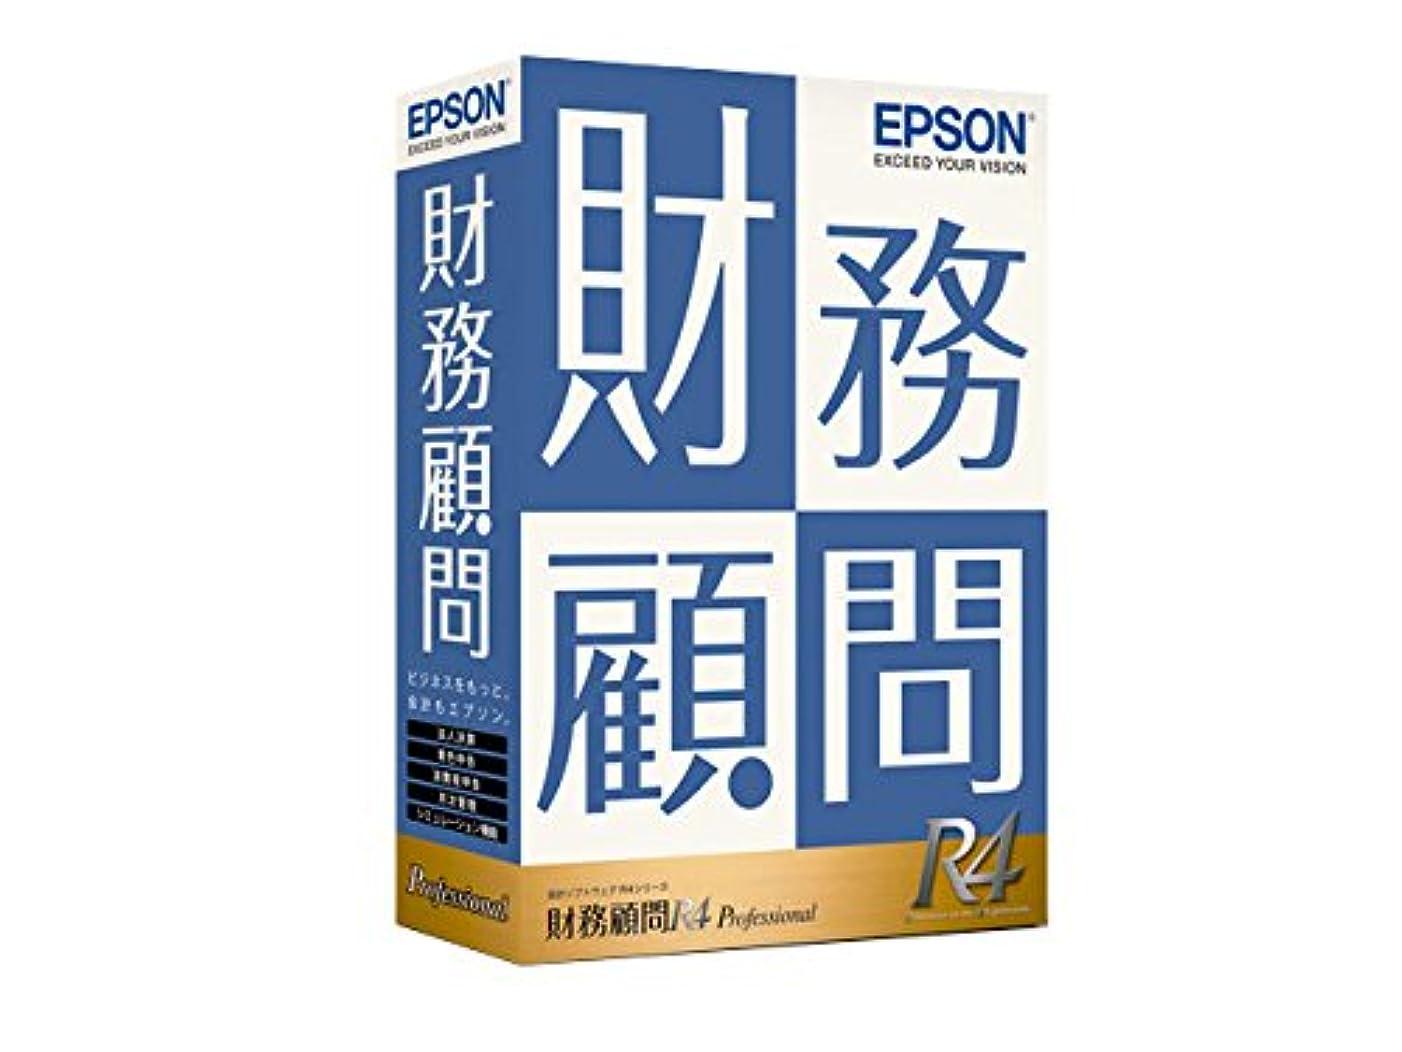 そのようなも装置【旧商品】財務顧問R4 Professional | Ver.14.1 | 1ユーザー